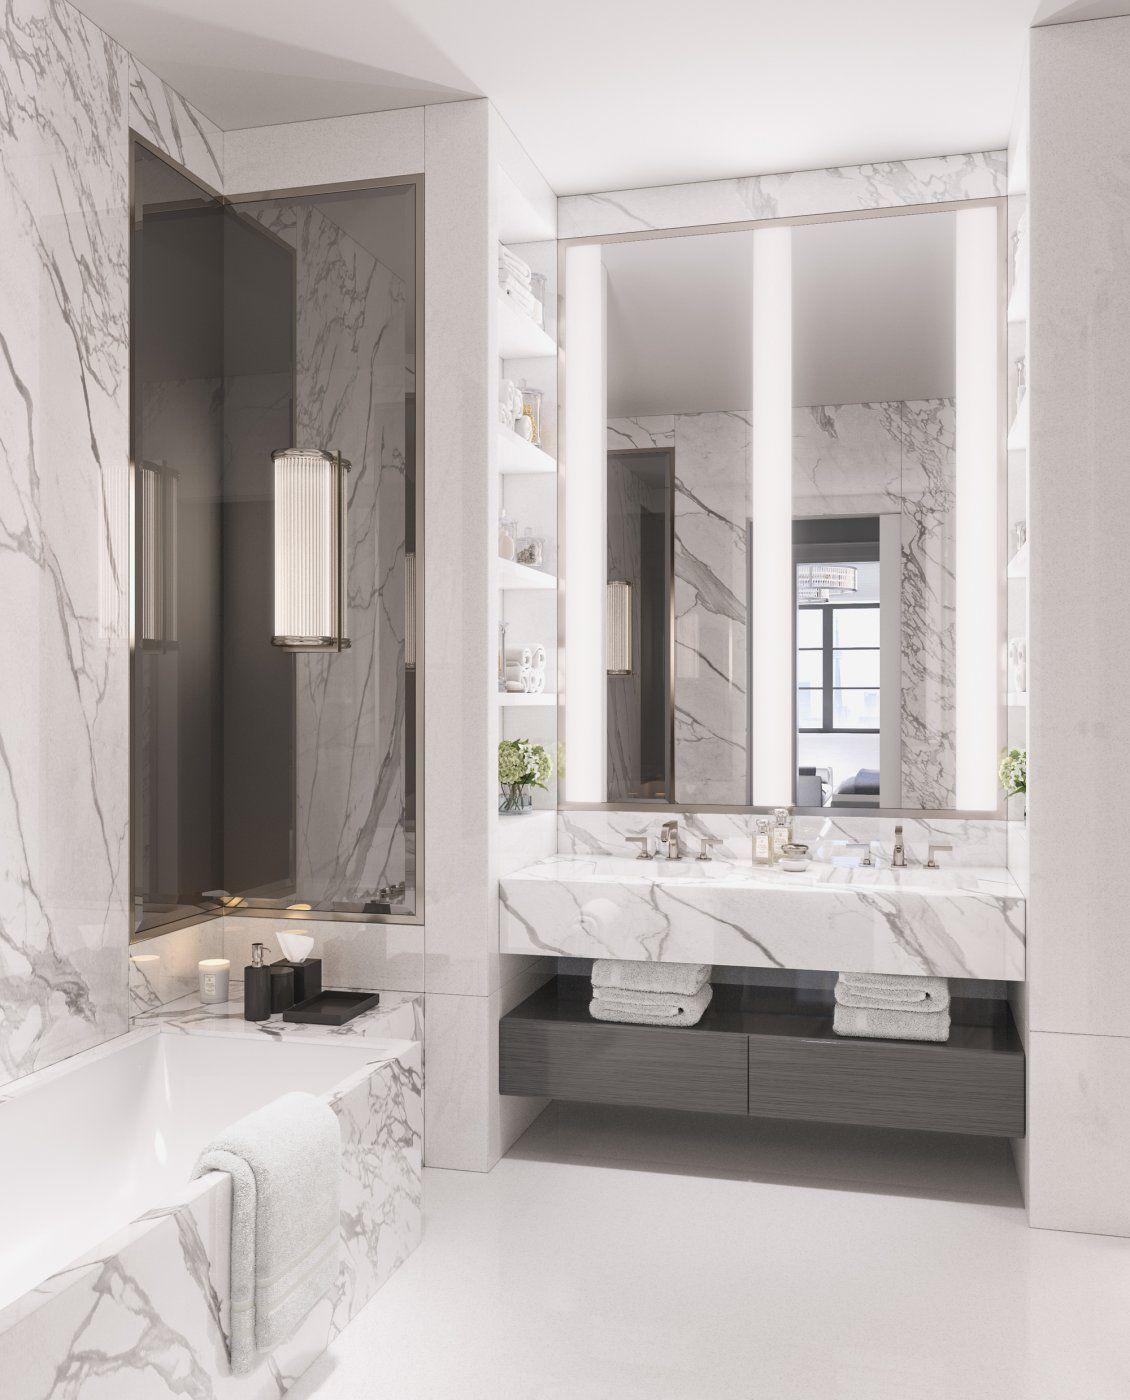 New york city apartment Ванные комнатыспа pinterest bathroom